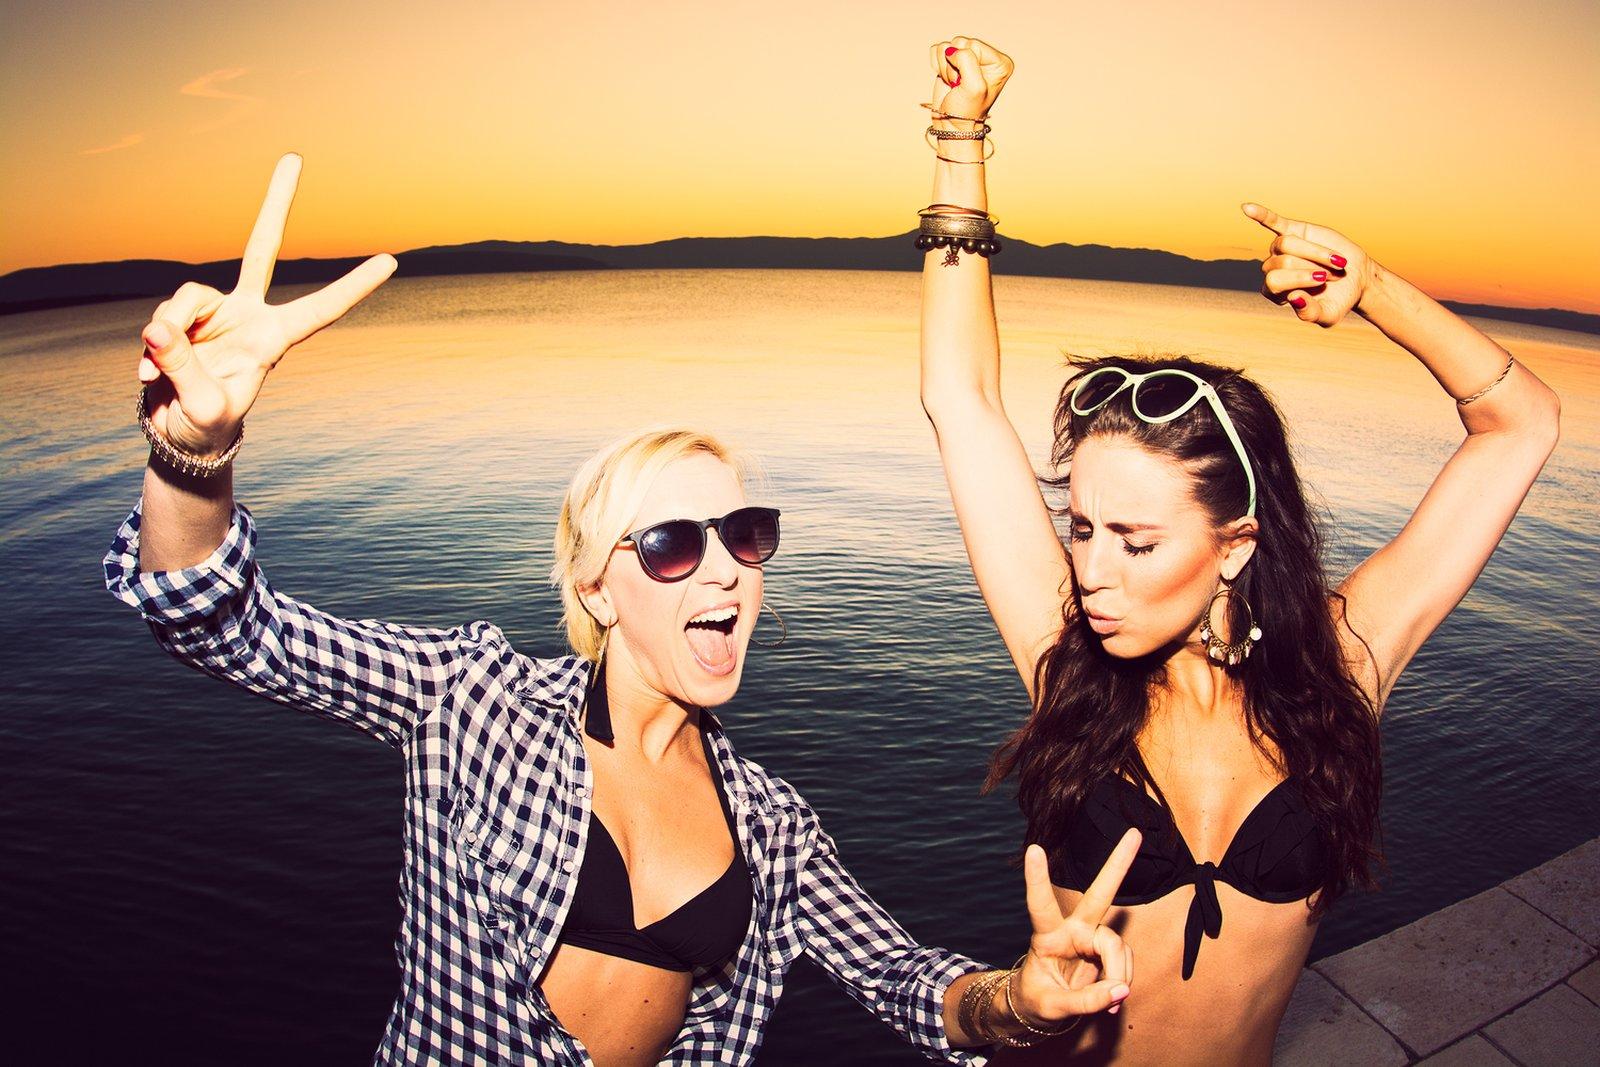 Spędzasz wakacje nad morzem? Sprawdź kluby, które powinieneś odwiedzić!